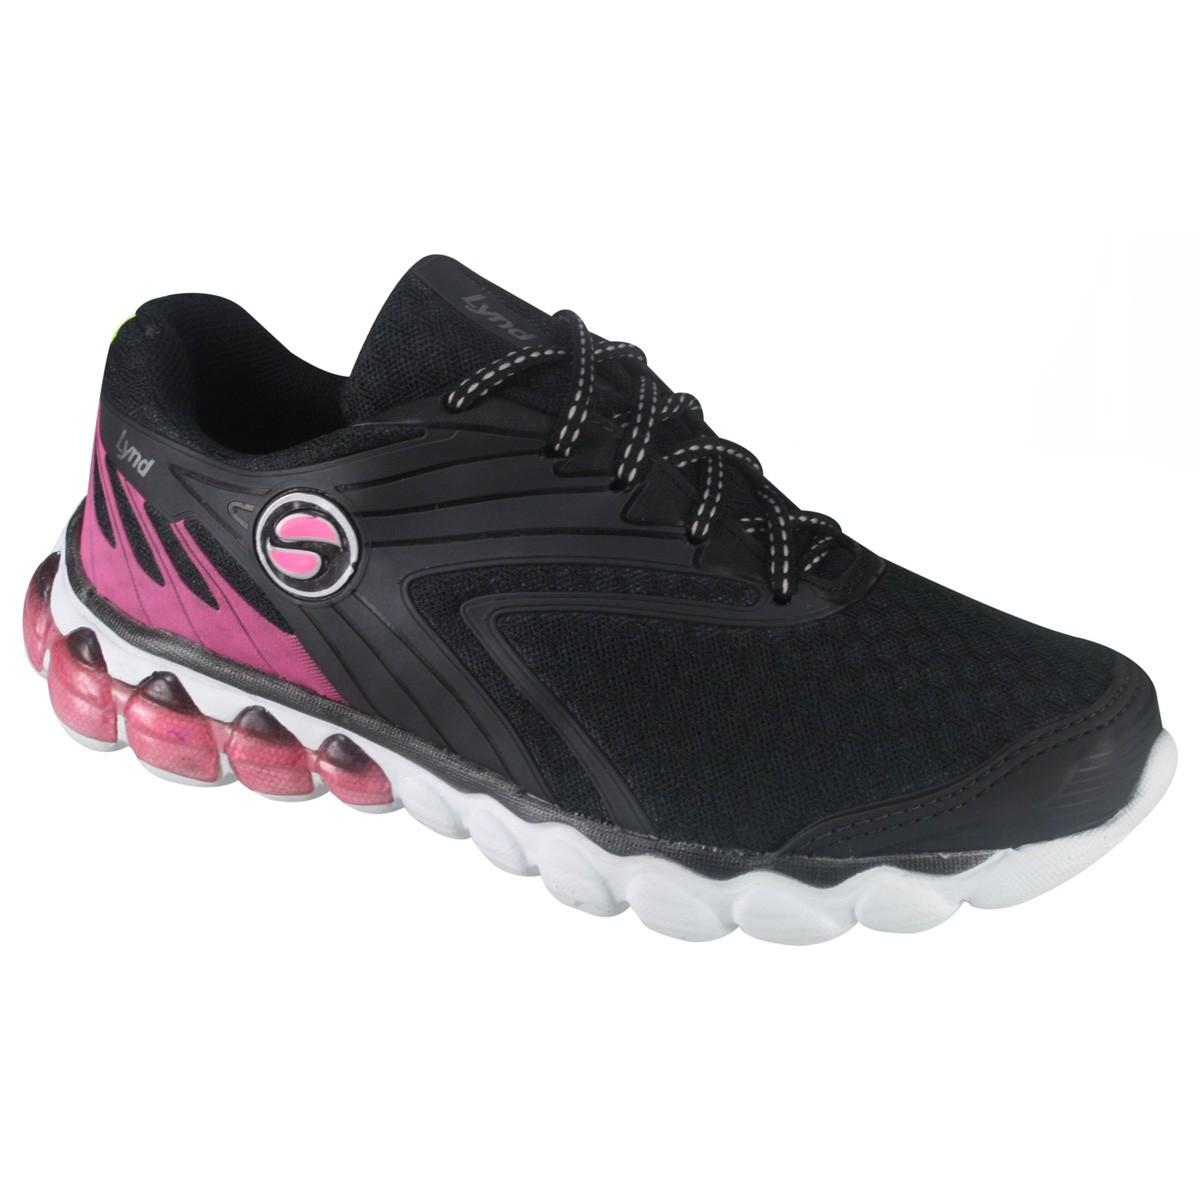 23b57a9c1 Tênis Lynd Feminino 396 - Preto/Pink - Botas Online Femininas ...